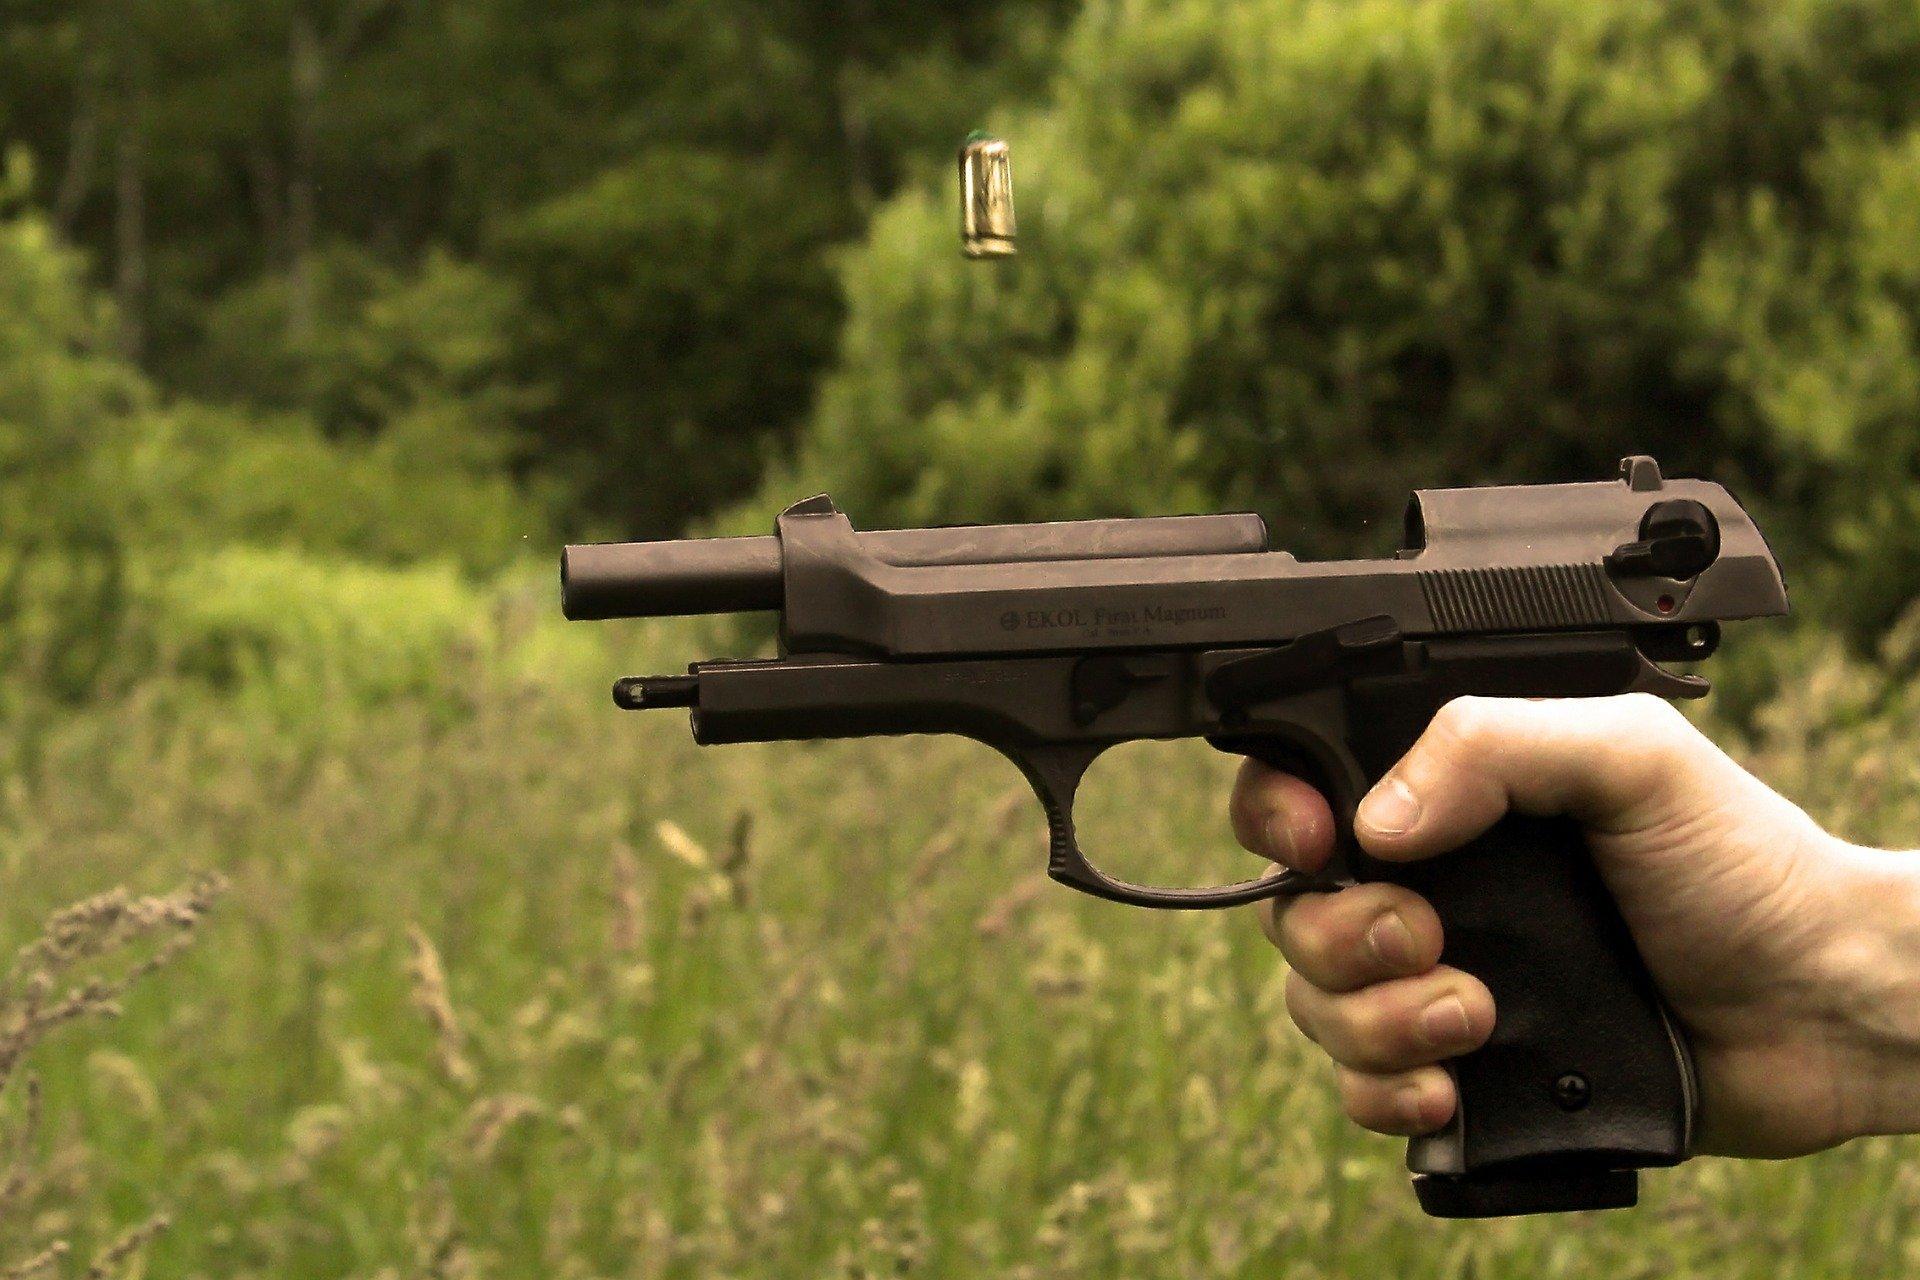 В Крыму военнослужащий приговорен к 10 годам колонии строгого режима за убийство сослуживца